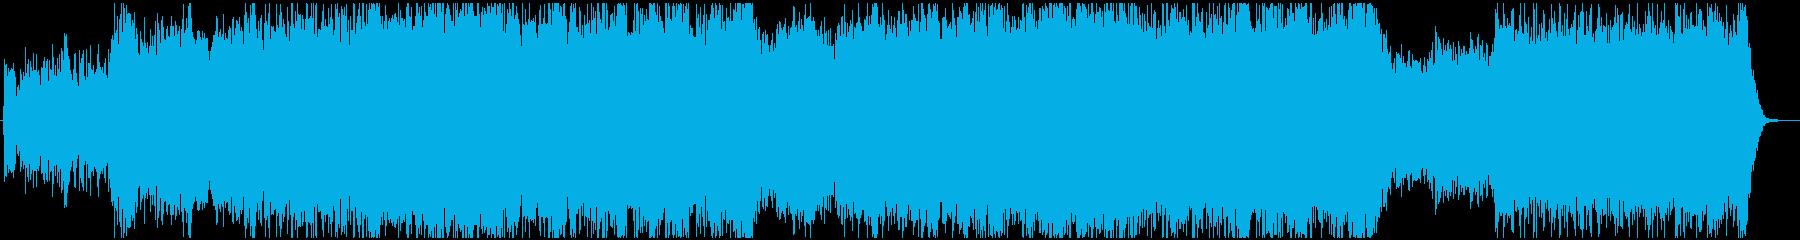 壮大なケルト・オーケストラの再生済みの波形